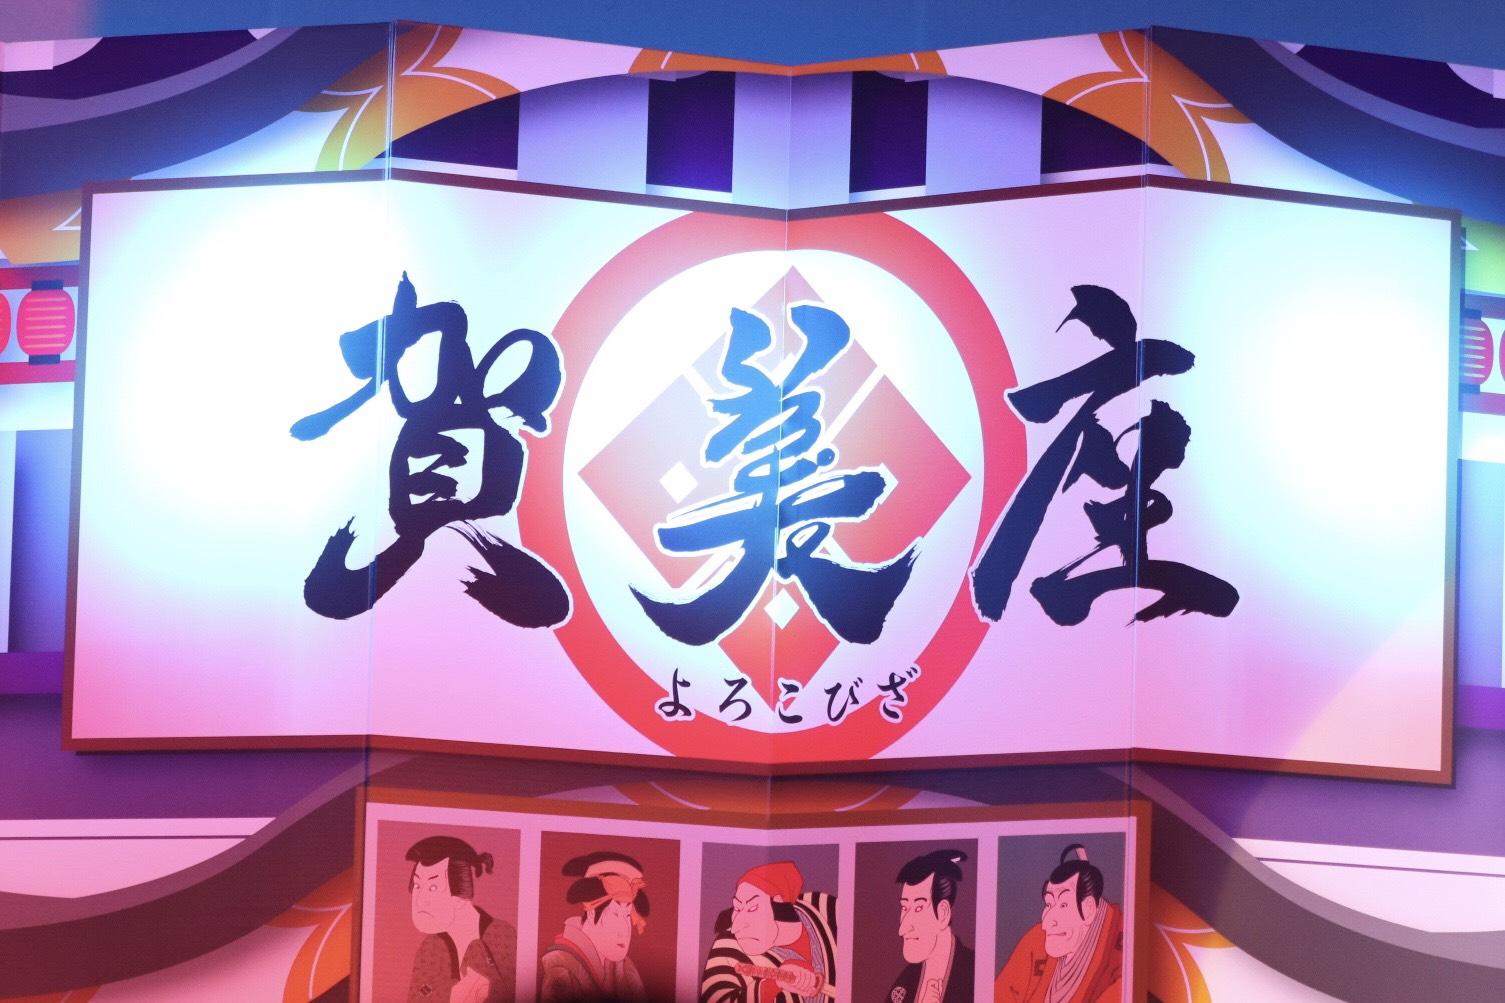 賀美座,よろこびざ,大衆演劇,不動倭,劇団,